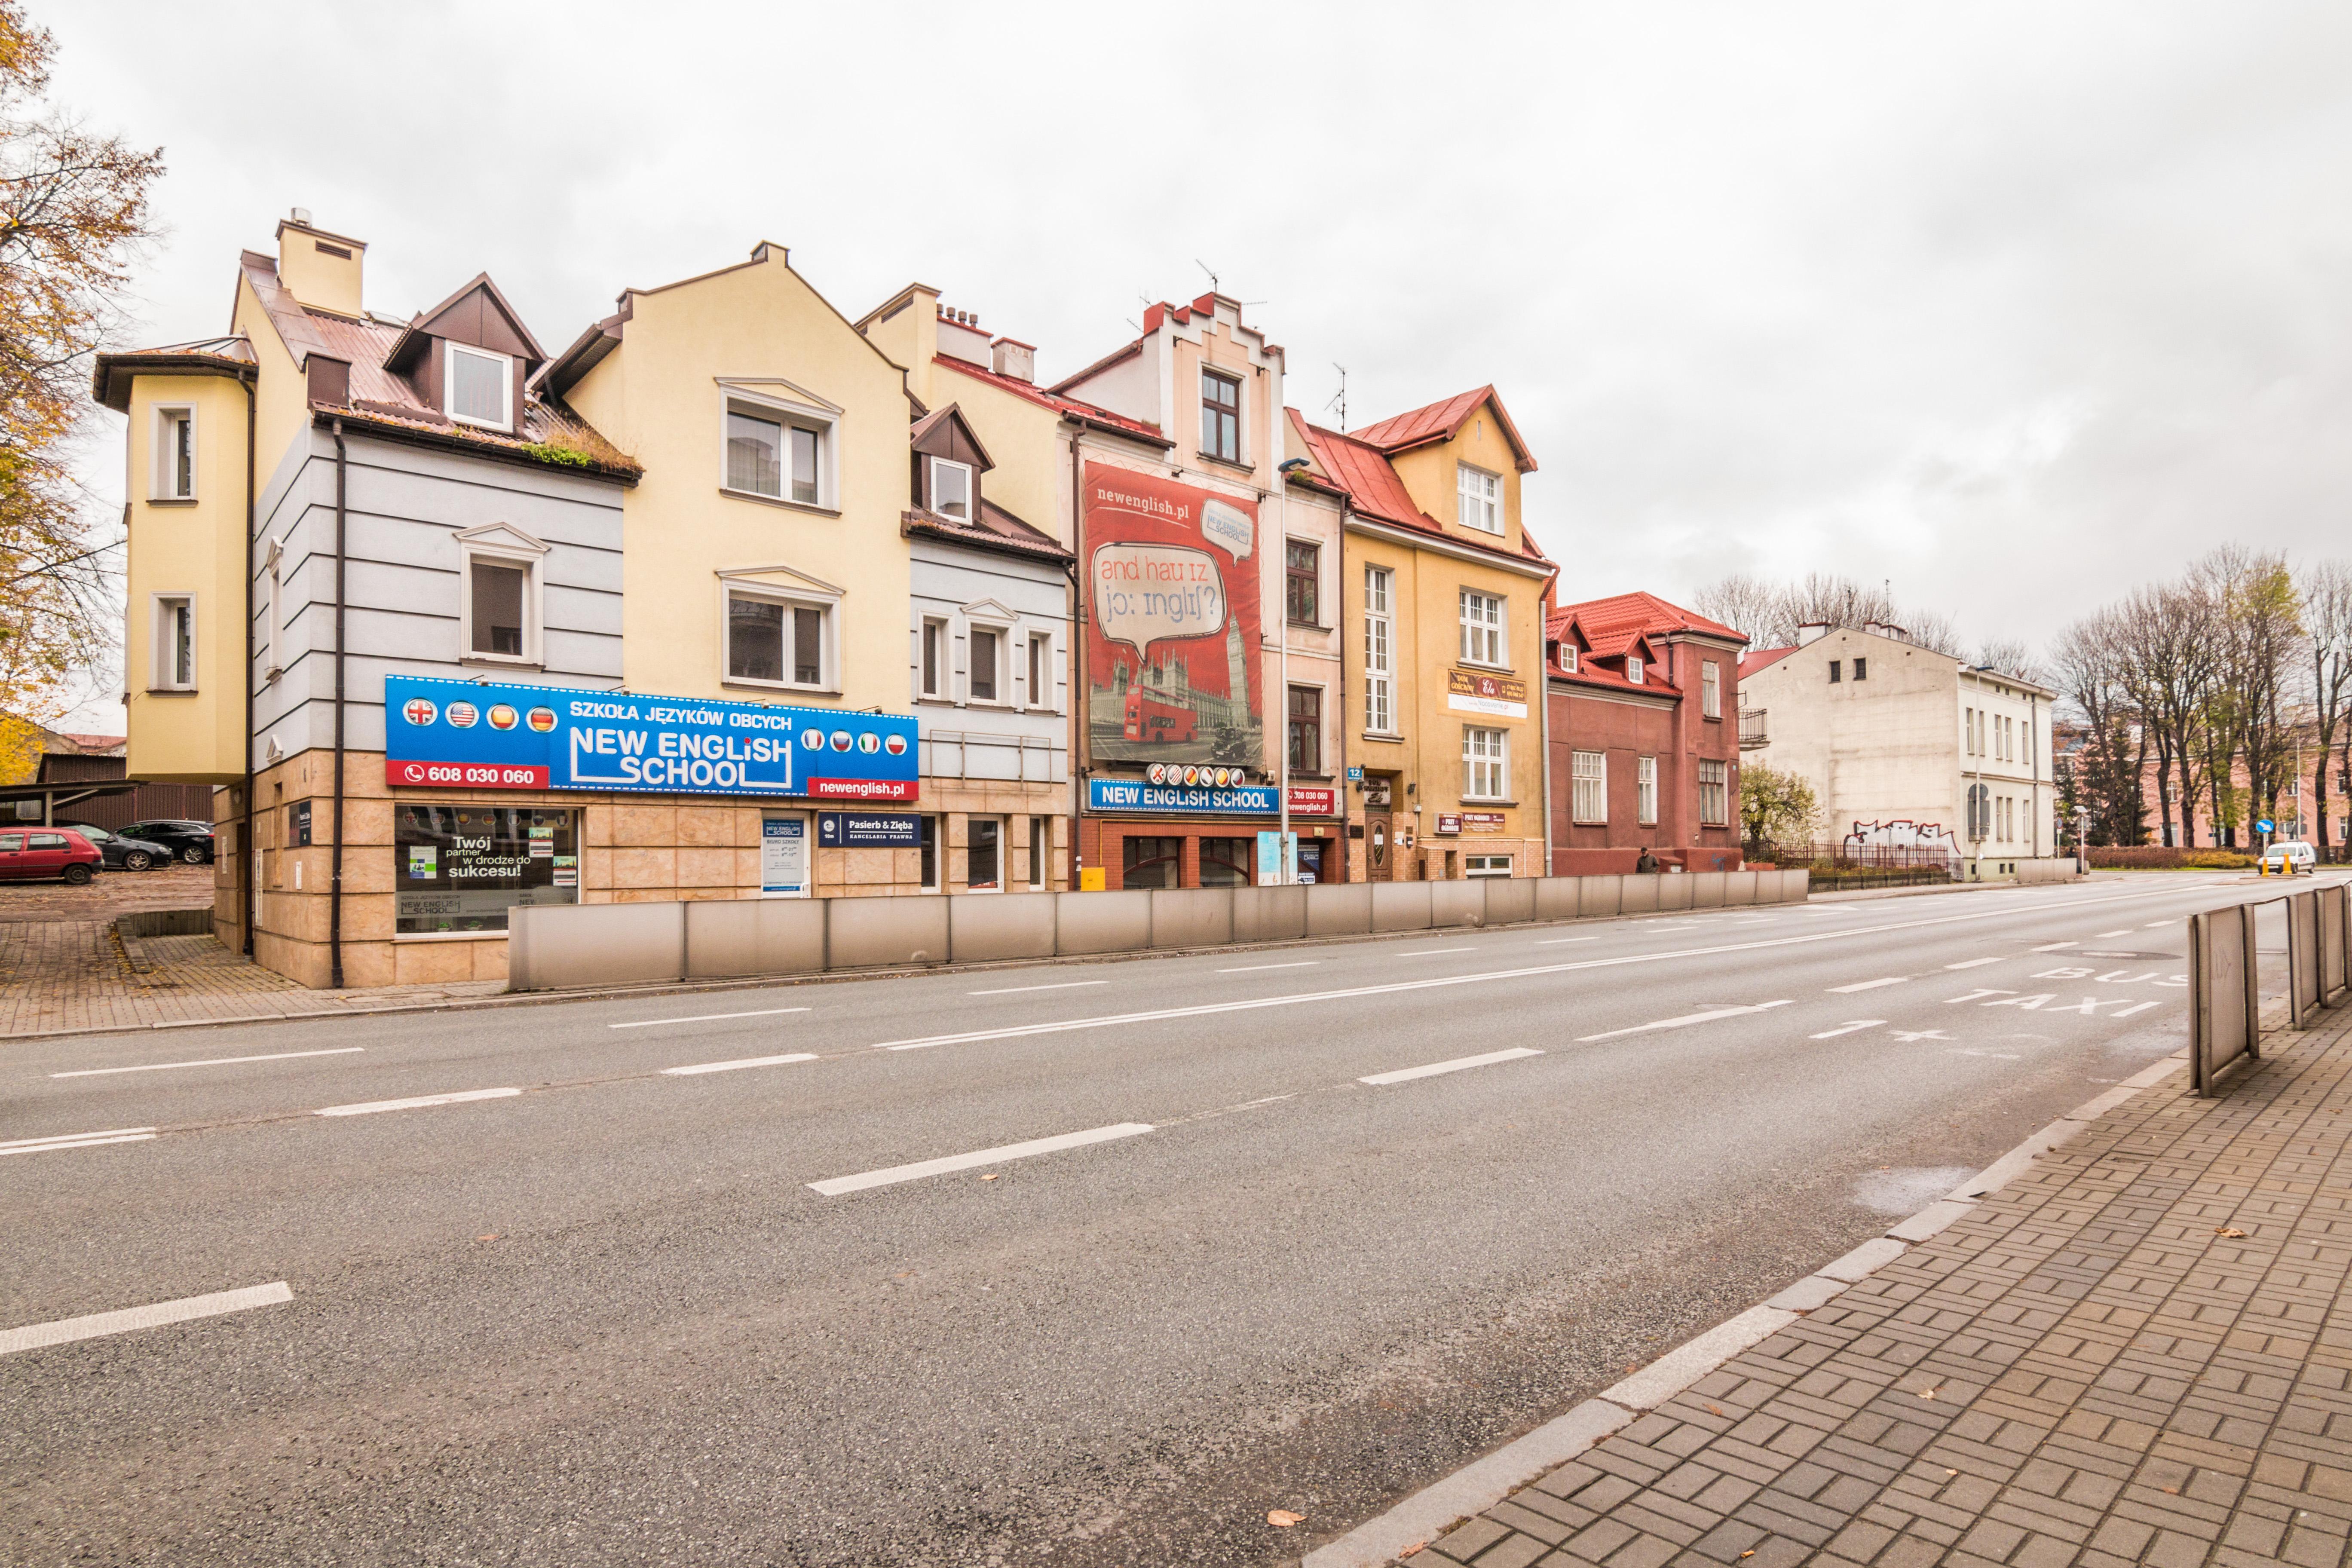 Lokal nasprzedaż wcentrum Rzeszowa